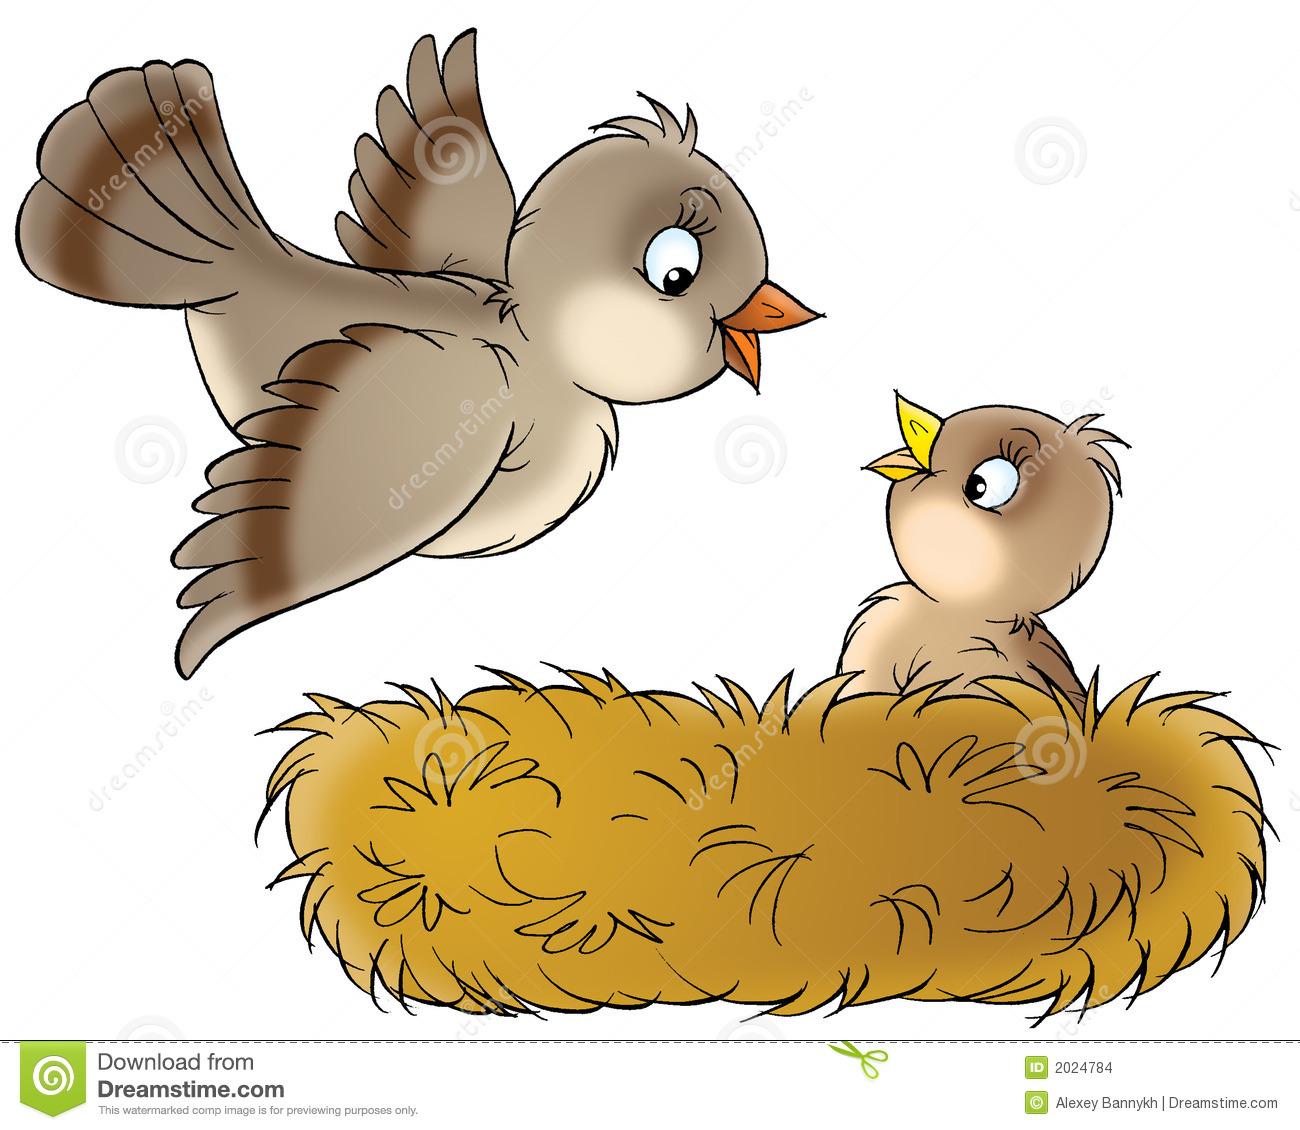 310785b5101103de3513163a11bb80 ... 310785b5101103de3513163a11bb80 ... Bird And Nest Clipart Etc